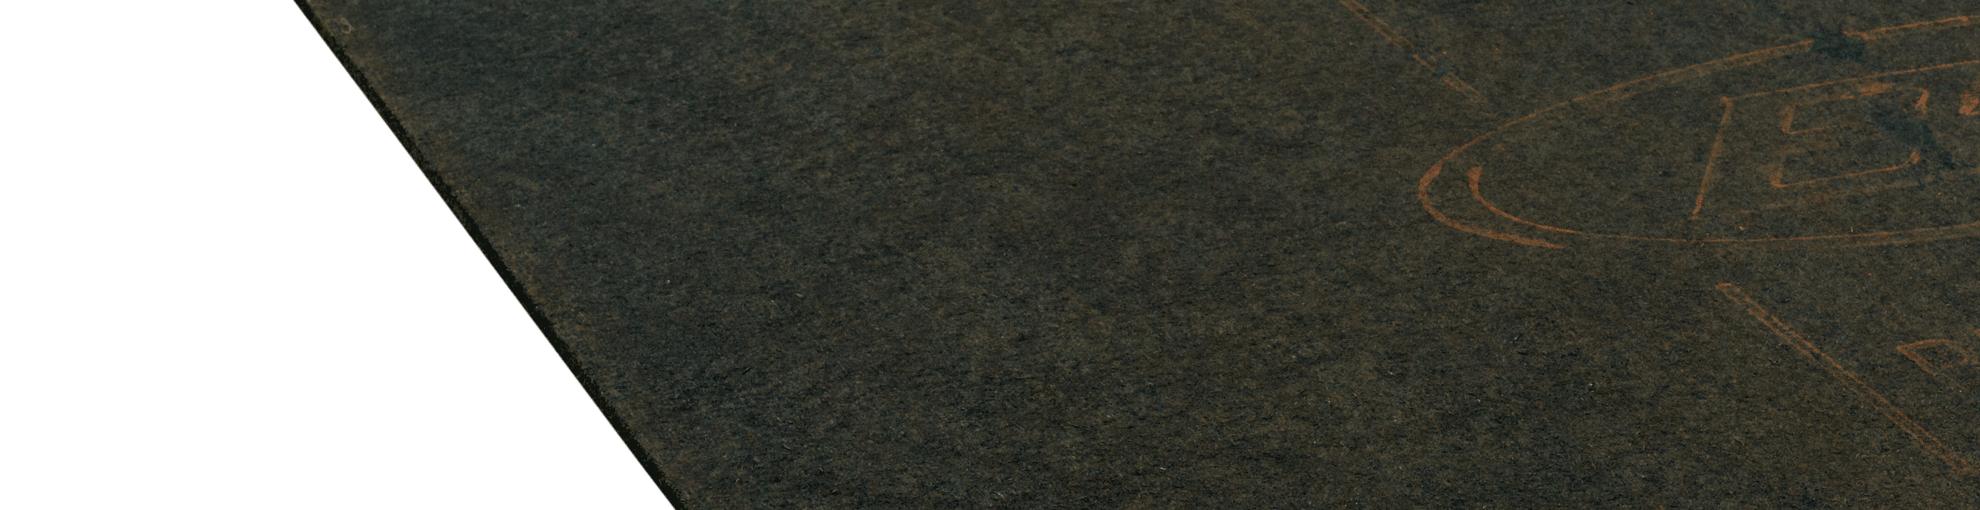 R-1.5 HP Panel